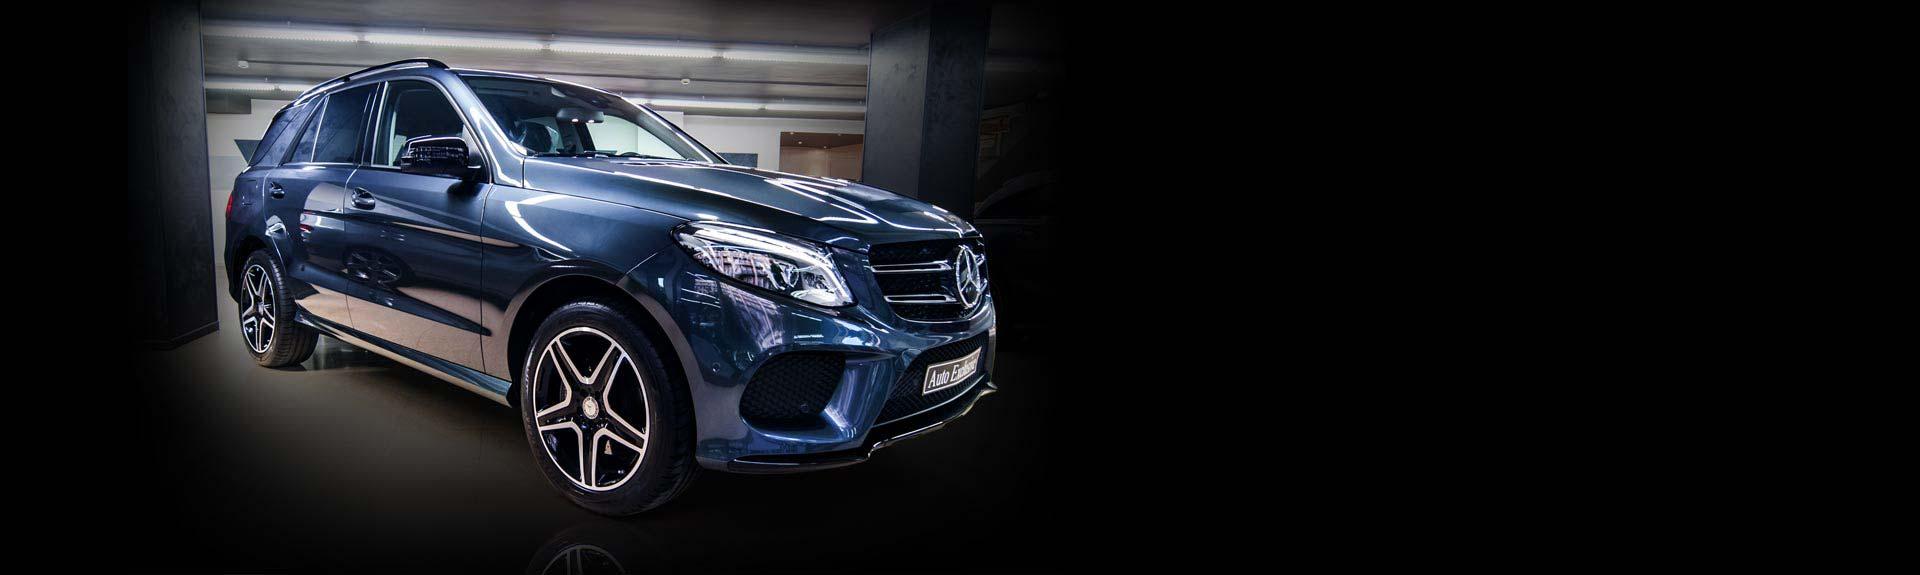 SUV y 4x4 - Auto Exclusive BCN - Concesionario Ocasión Mercedes Barcelona